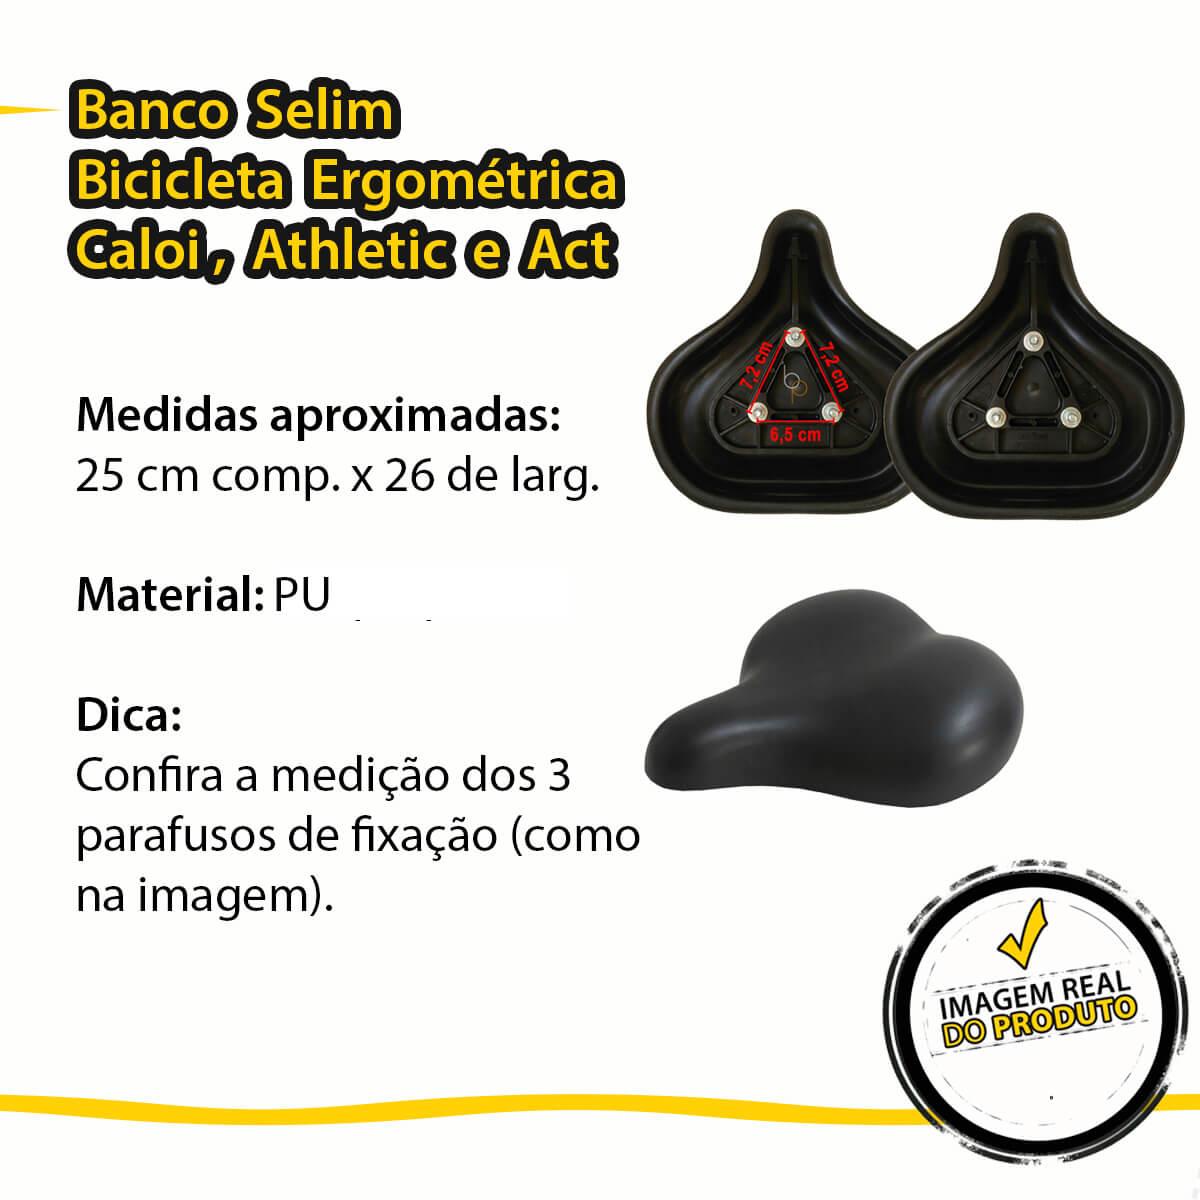 Banco Selim Para Bicicleta Ergométrica Caloi Athletic e ACT